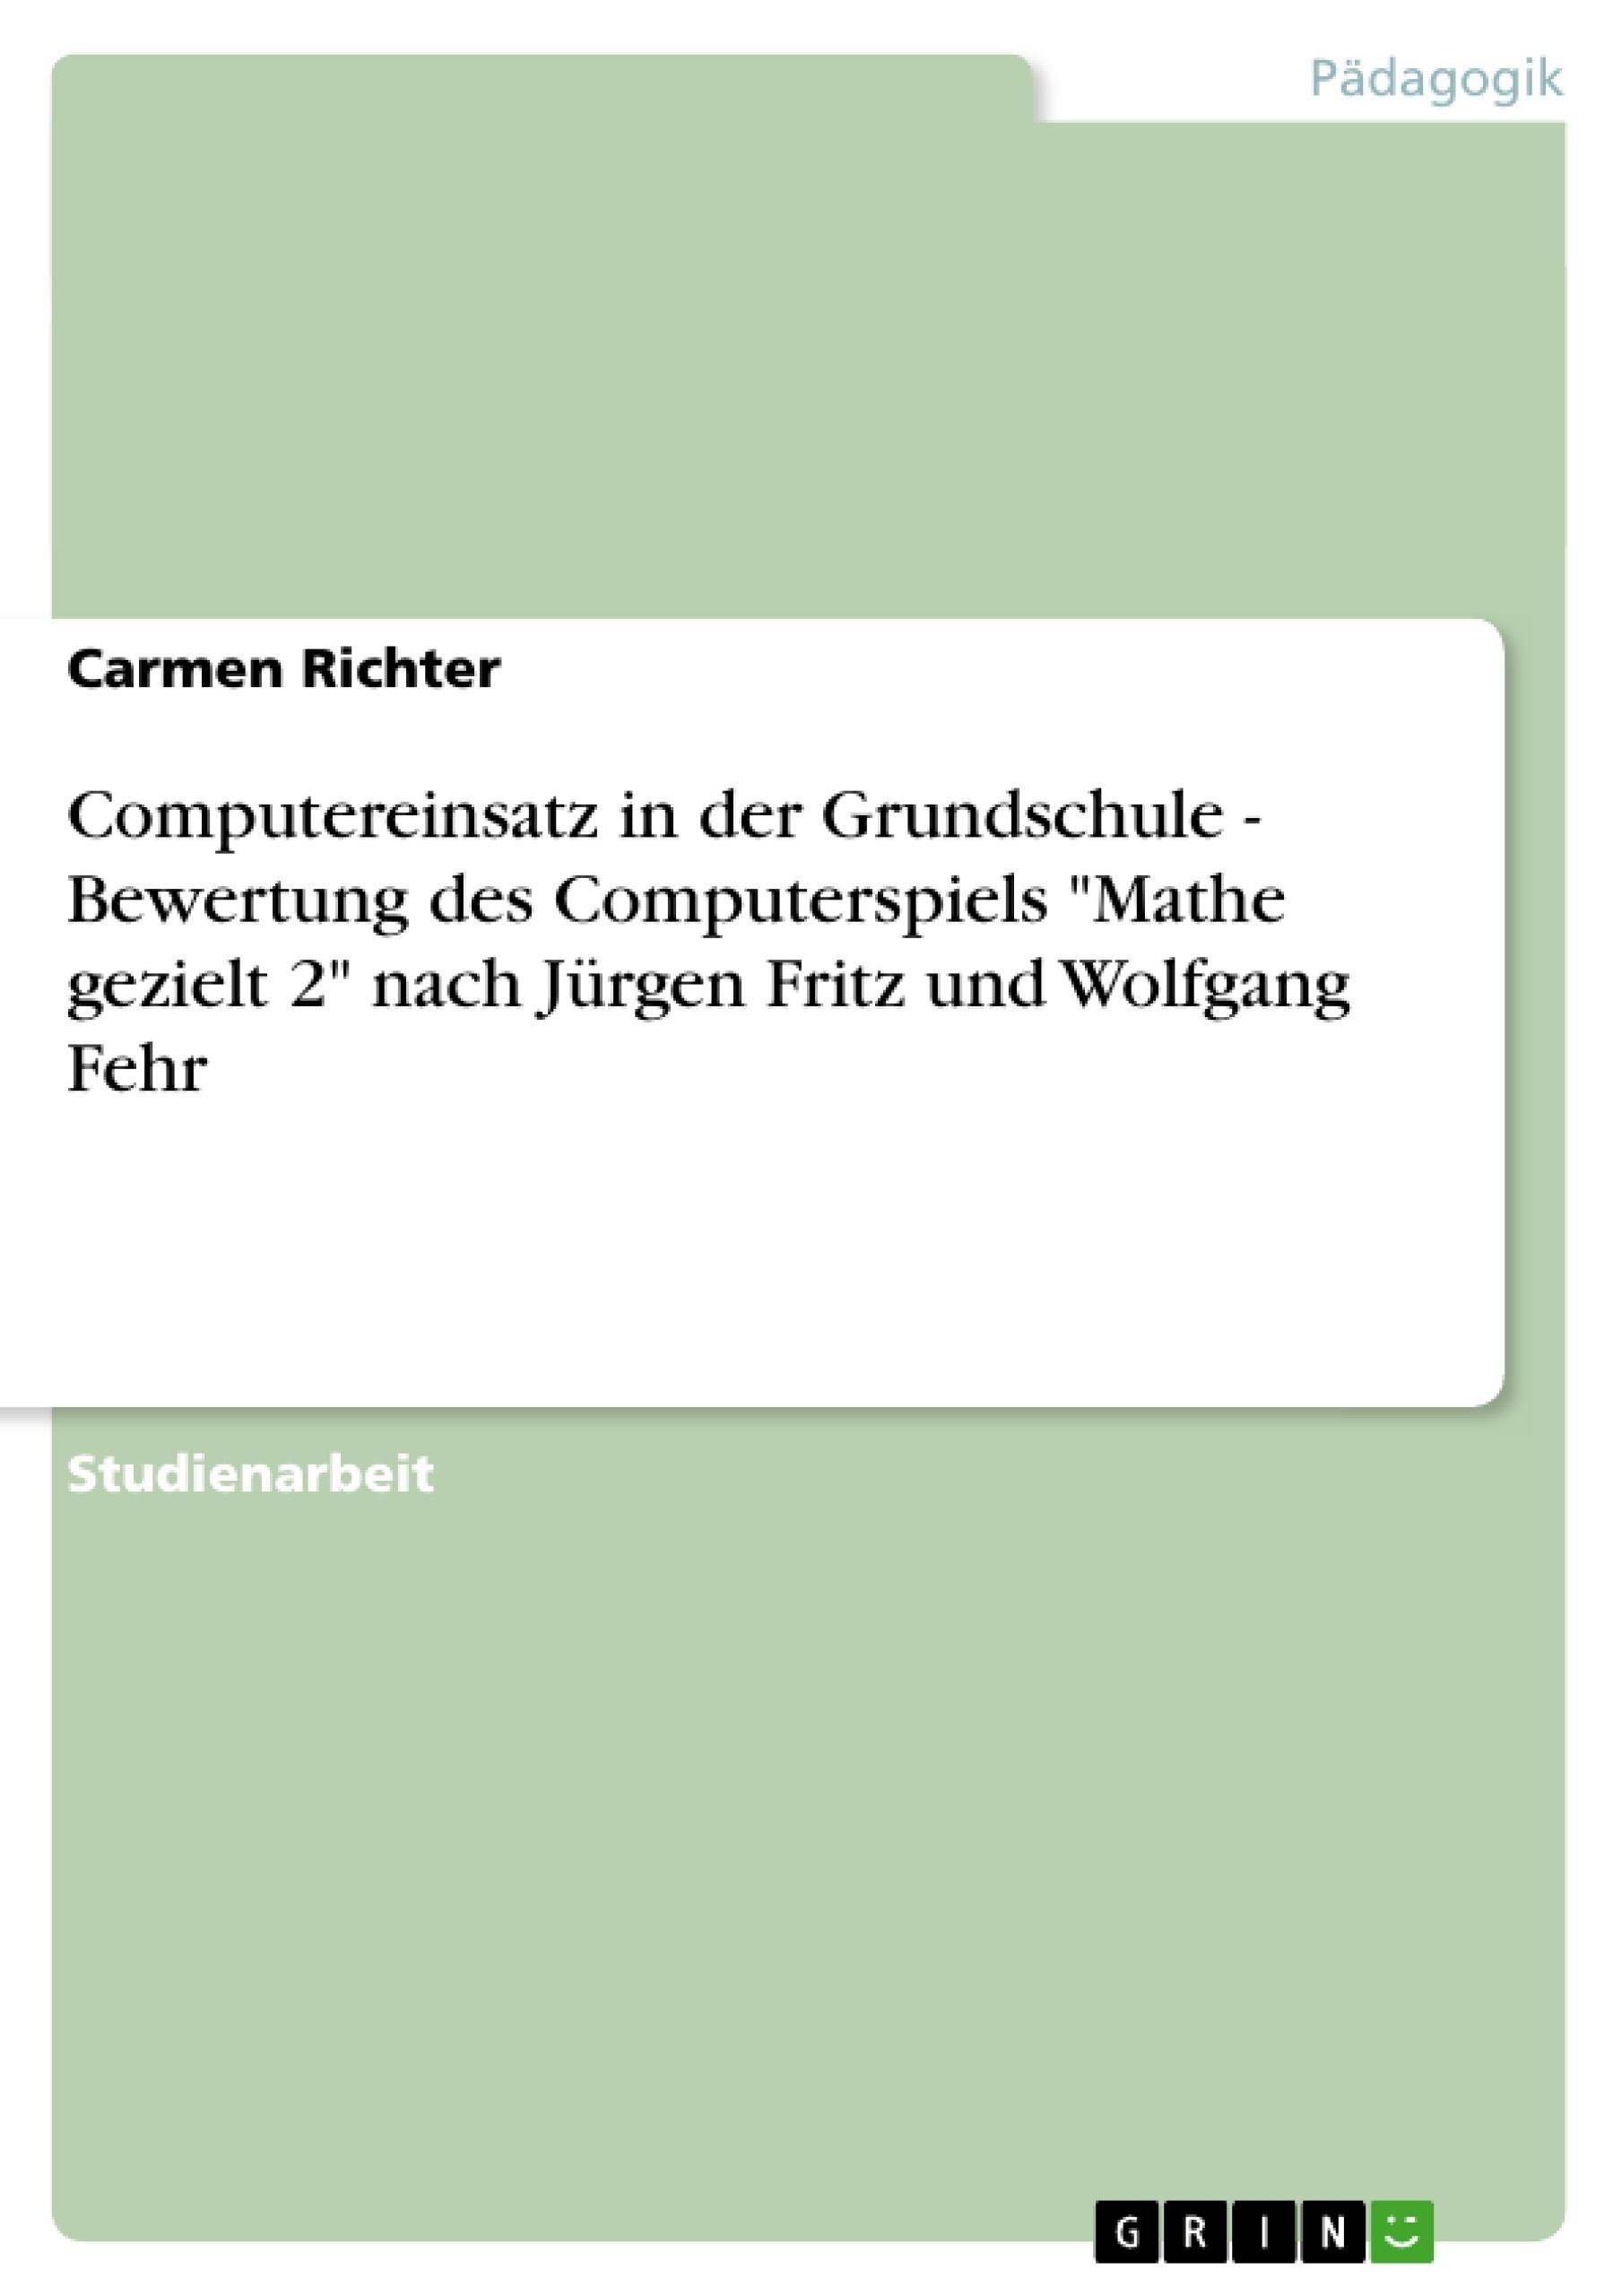 """Titel: Computereinsatz in der Grundschule - Bewertung des Computerspiels """"Mathe gezielt 2"""" nach Jürgen Fritz und Wolfgang Fehr"""